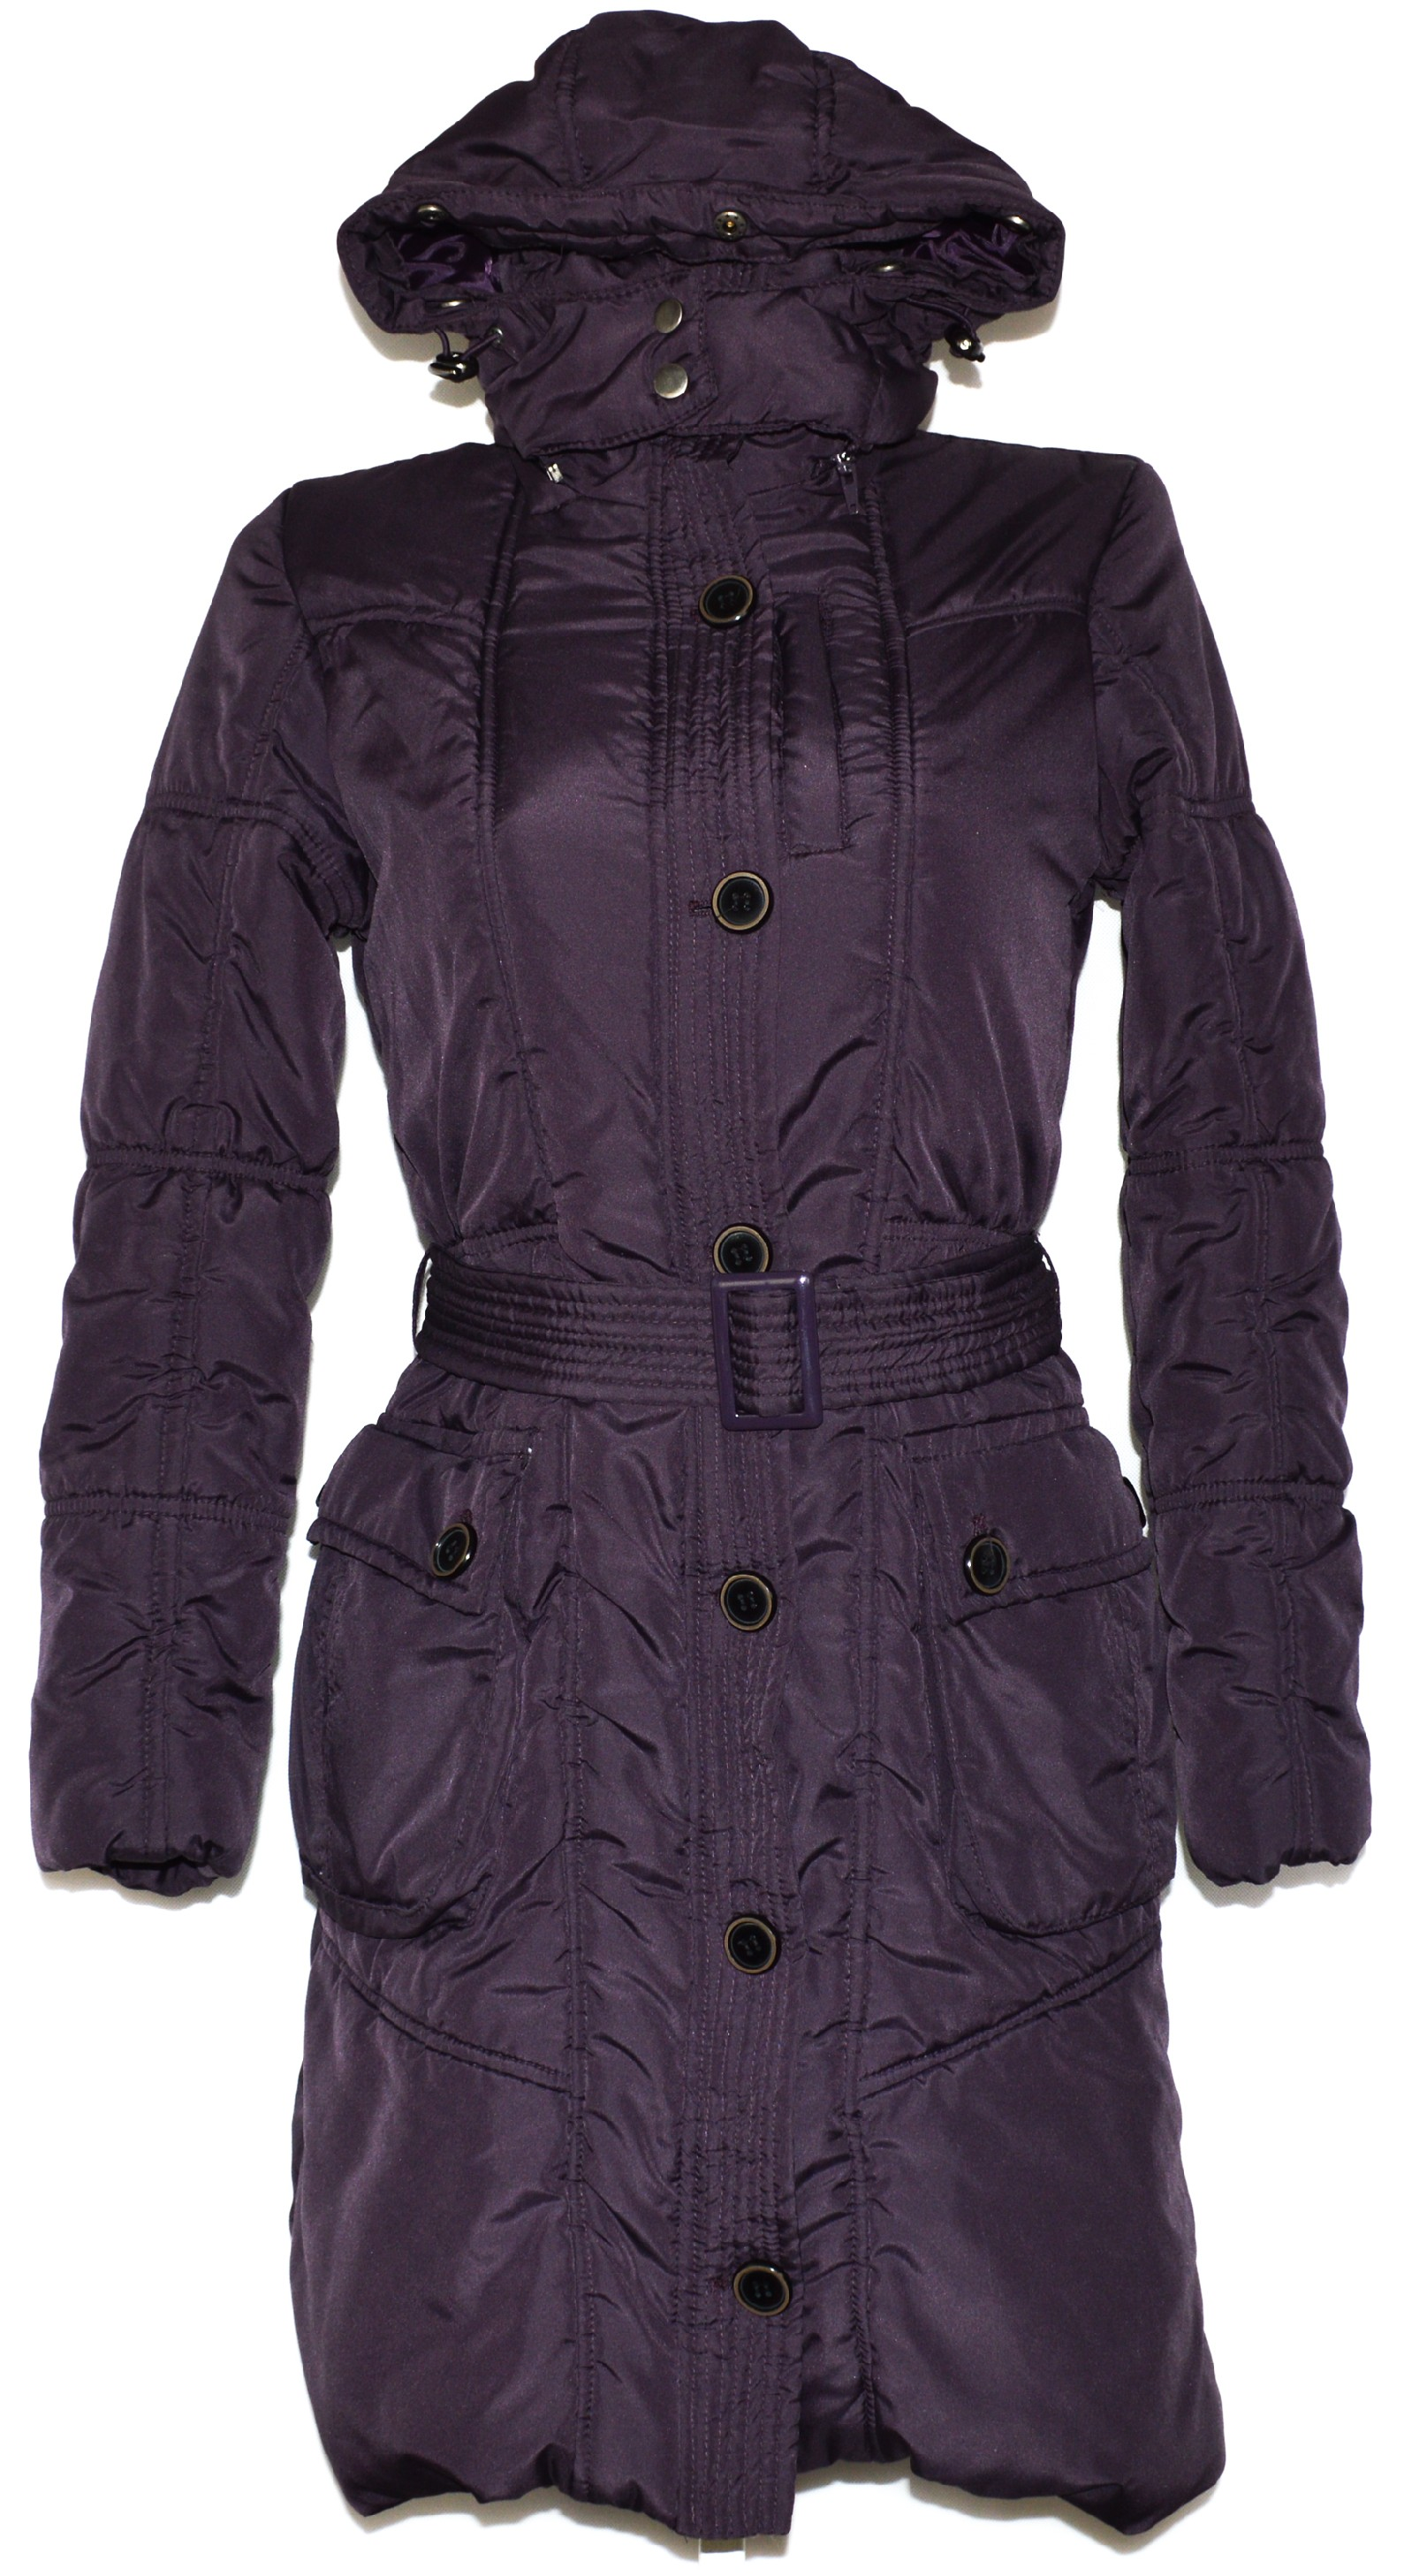 Dámský šusťákový fialový kabát s páskem a kapucí Otello S 7832f6e1fc8